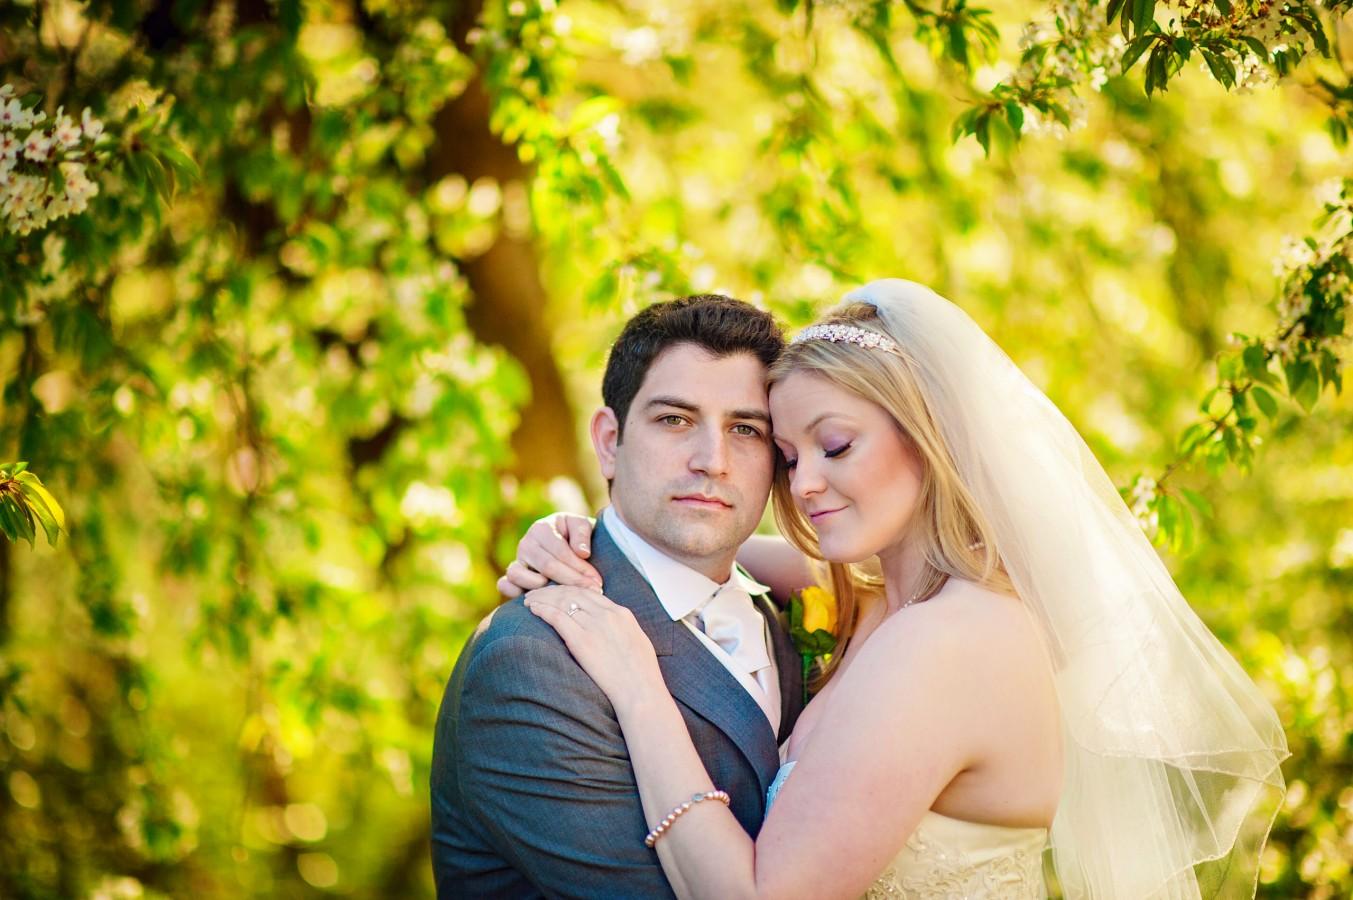 Hampshire Wedding Photographer - GK Photography-16